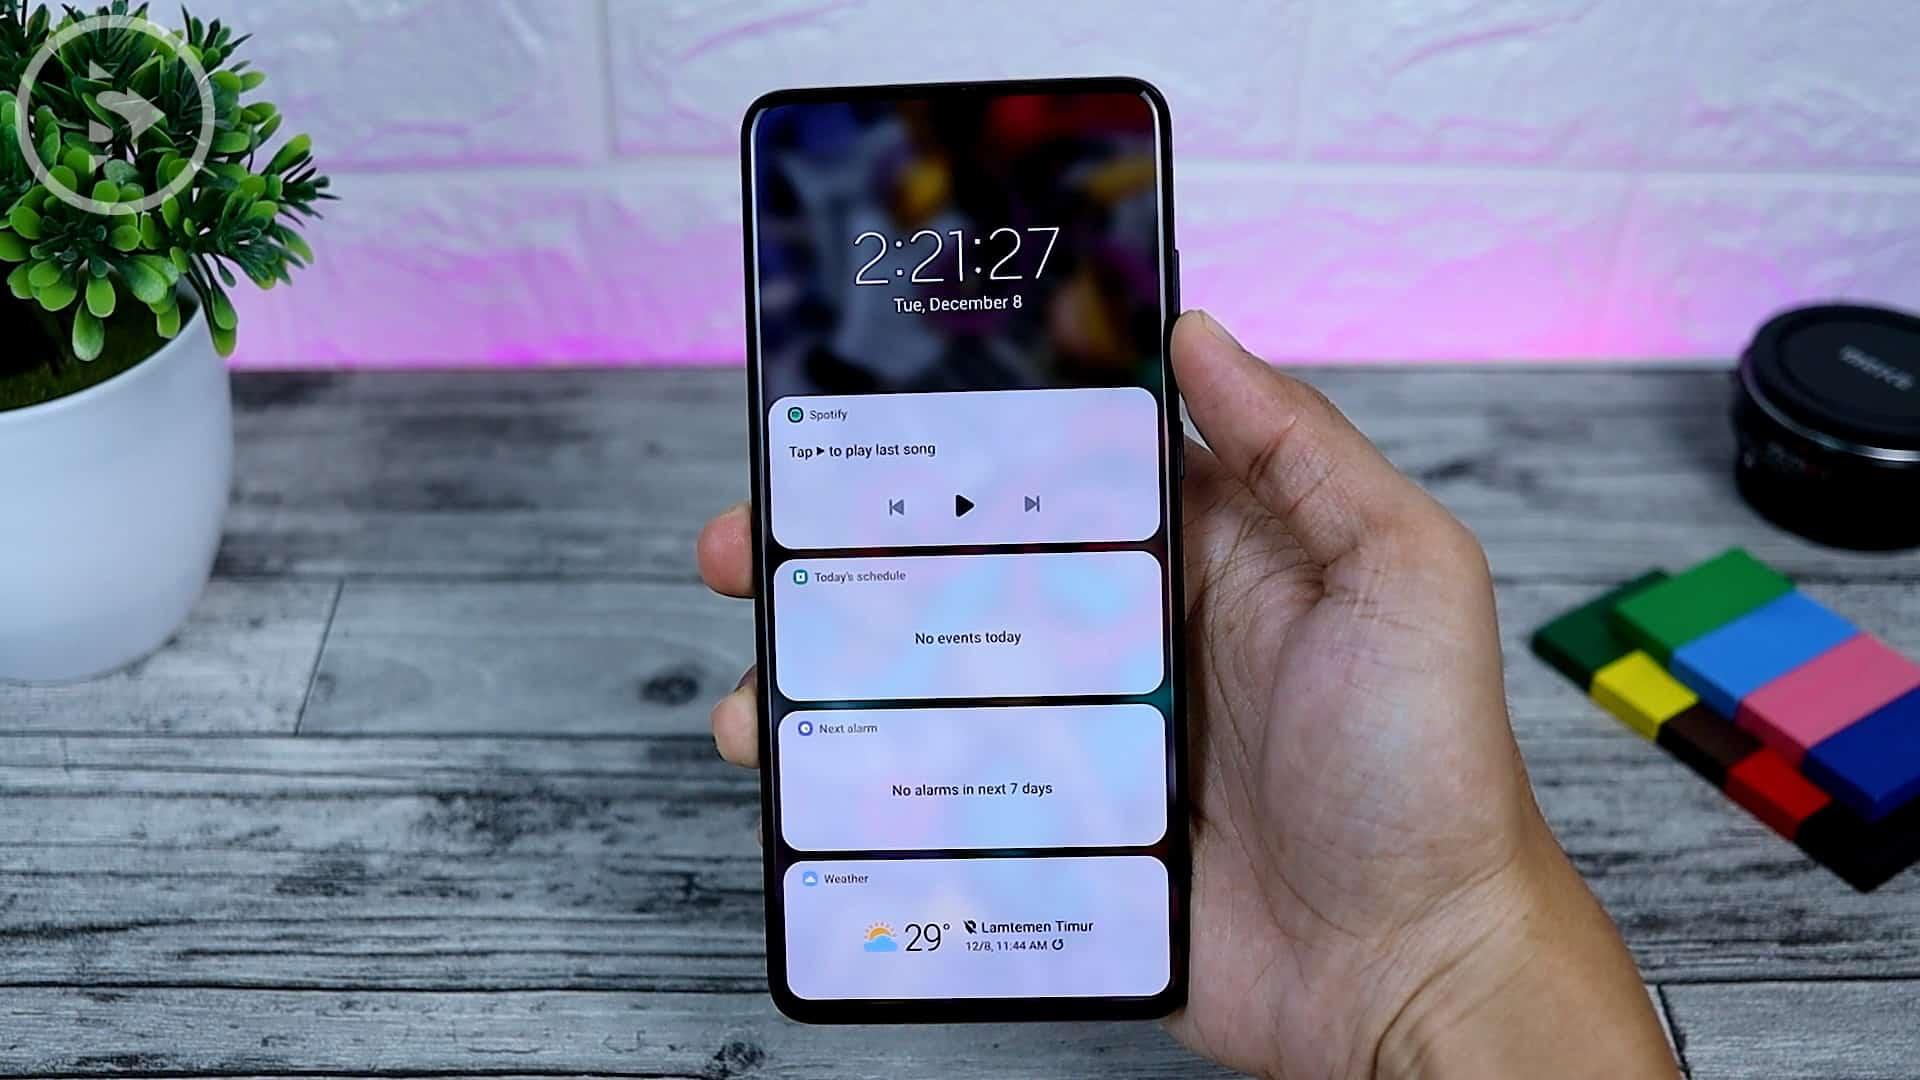 25 Fitur Baru di One UI 3.0 Dengan Android 11 - New Lockscreen Design - Spotify Schedule Alarm